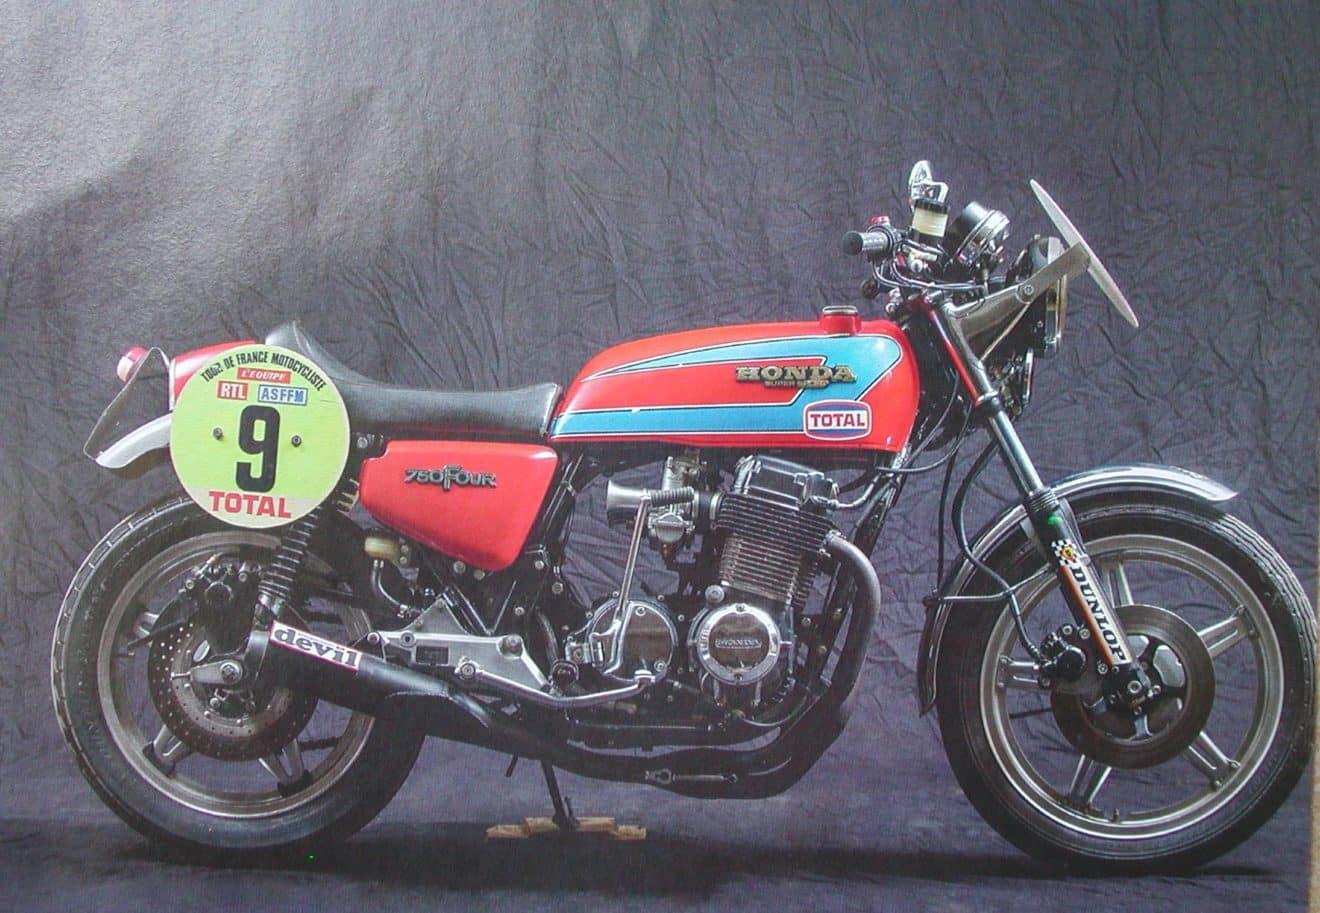 Honda CB750 Tour de France 78 2